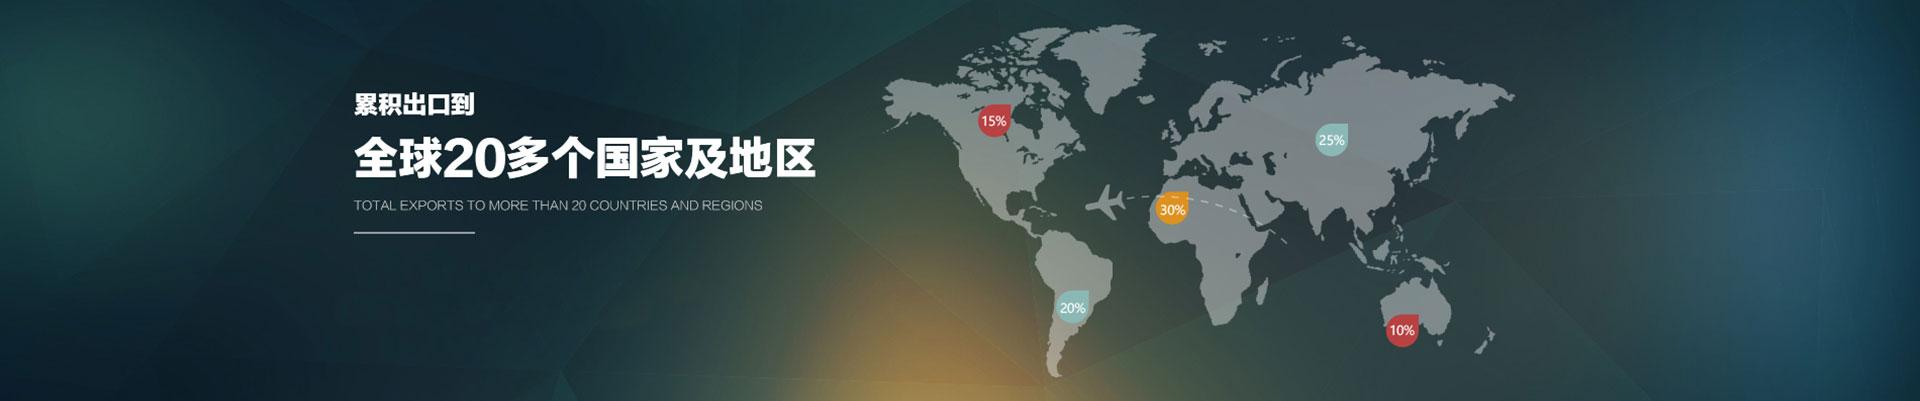 累积出口到全球20个国家和地区